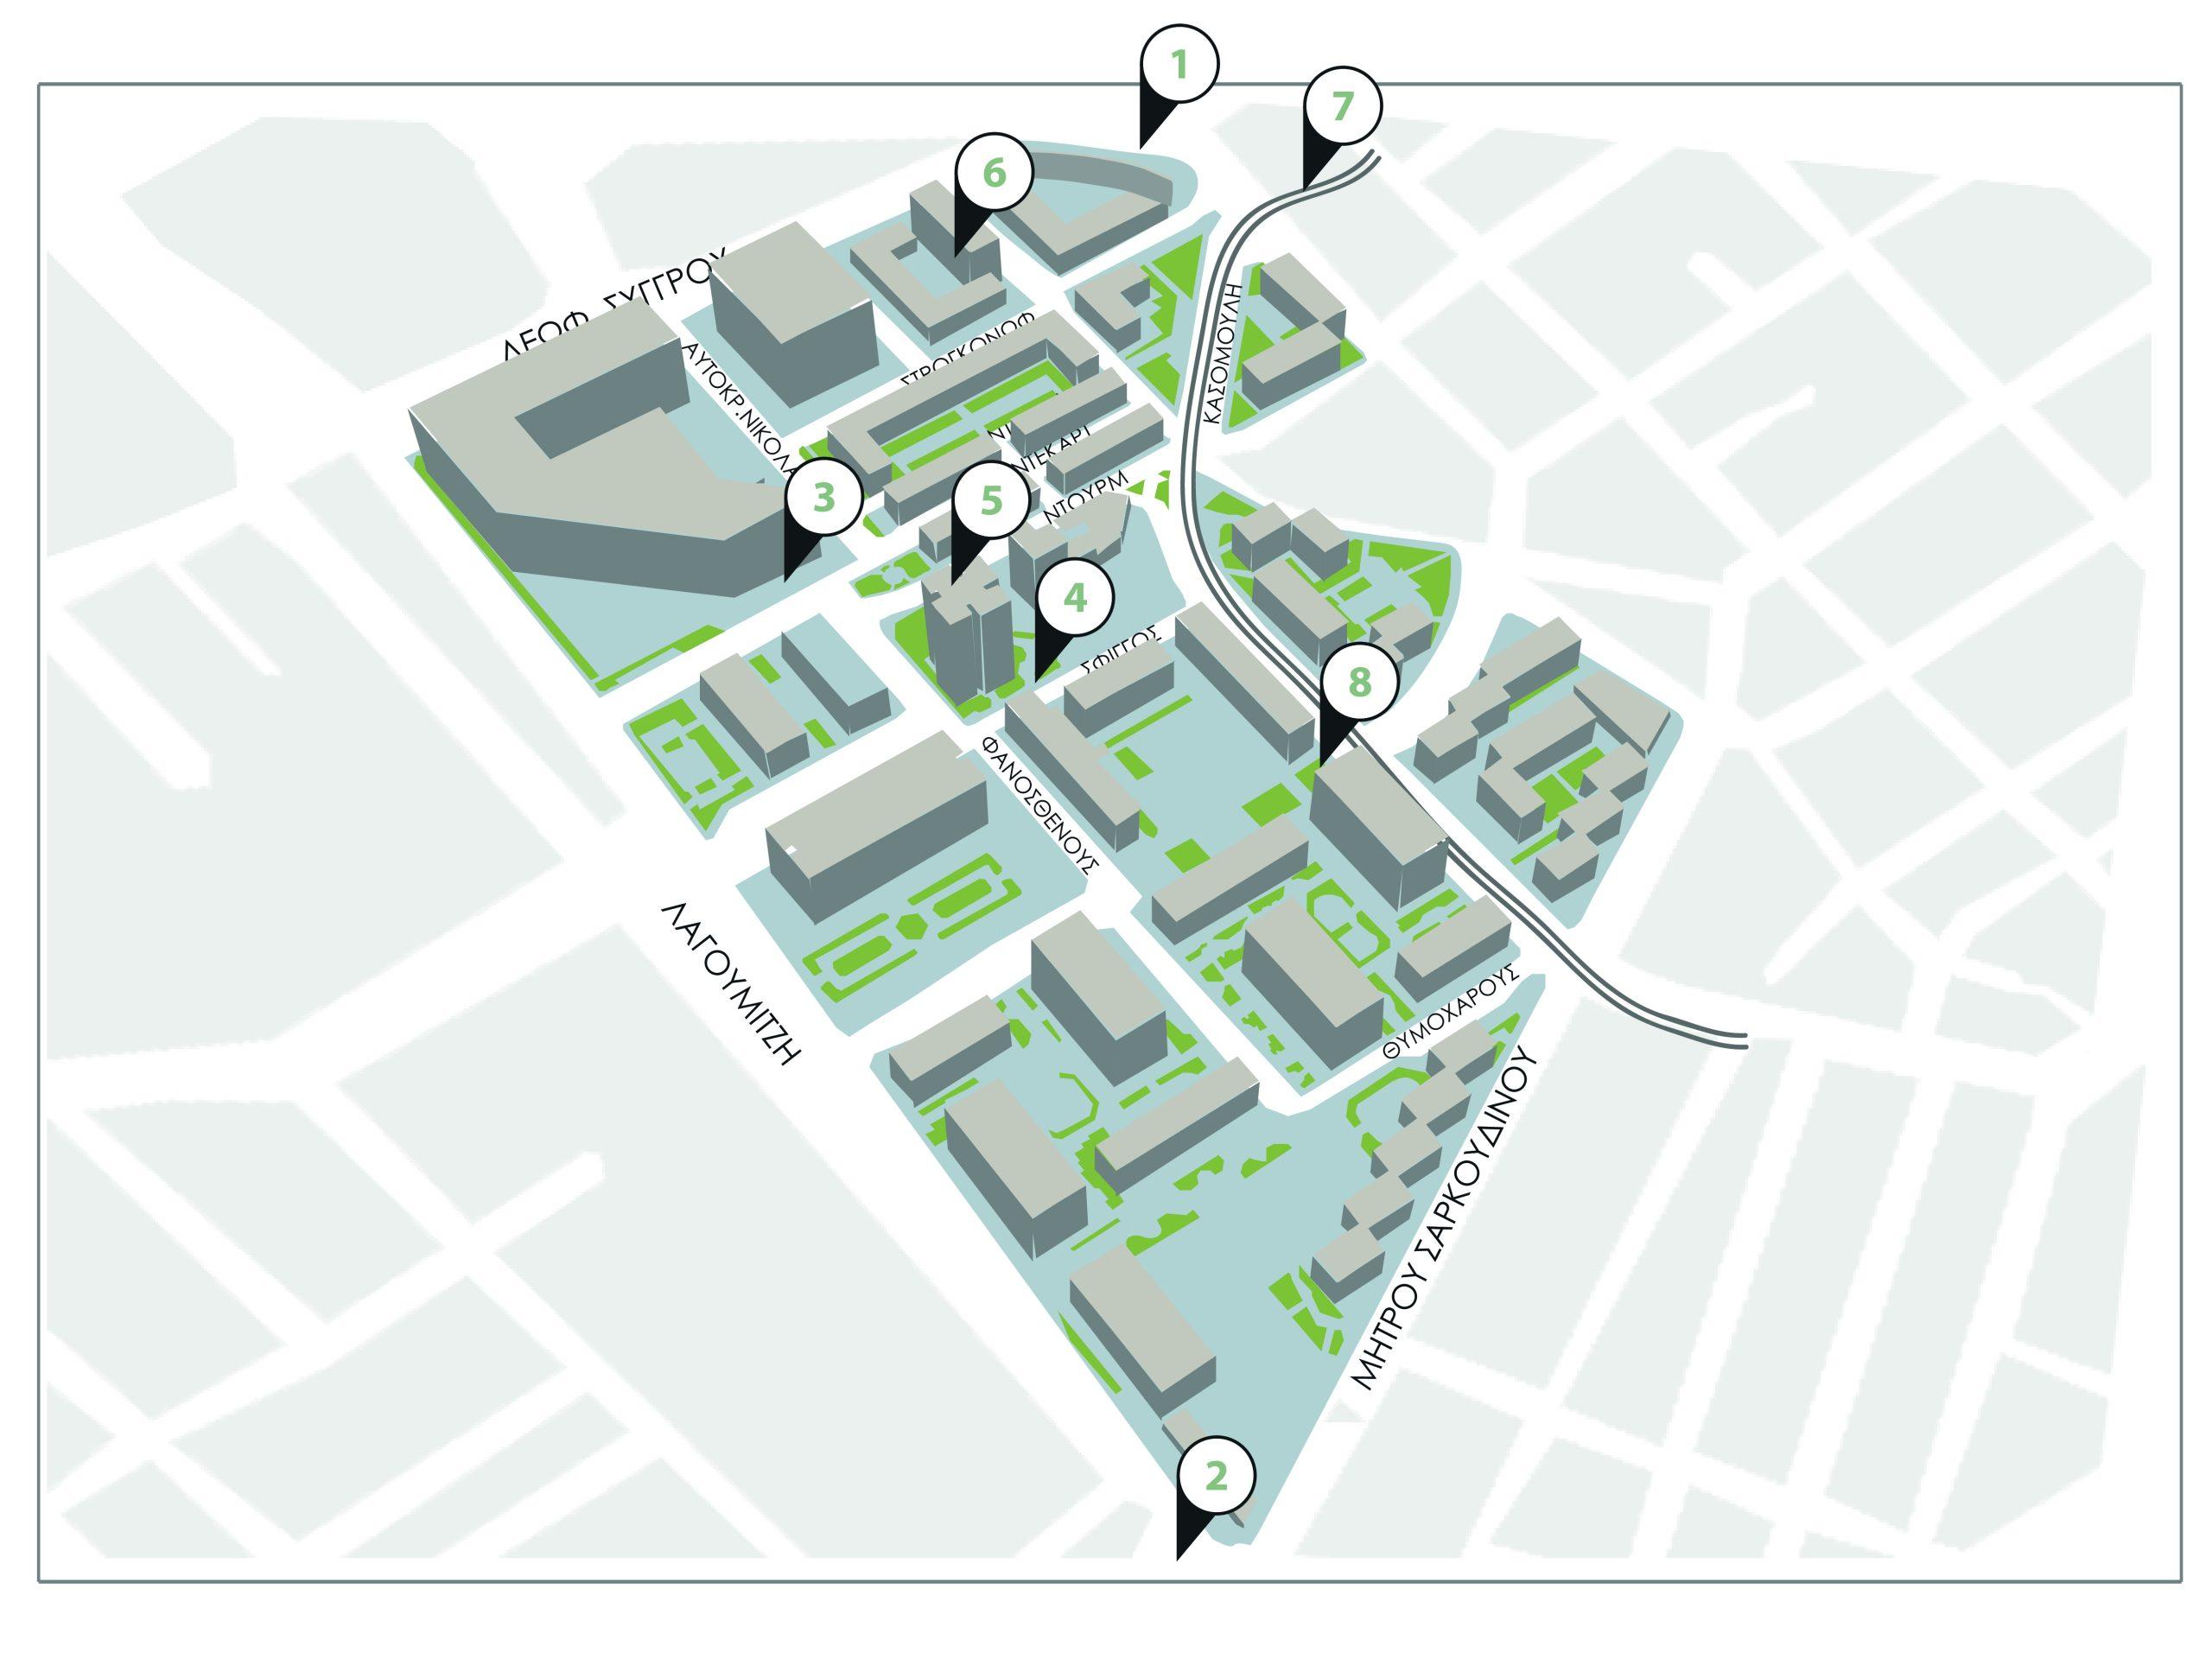 χάρτης καθημερινότητας dourgouti island hotel